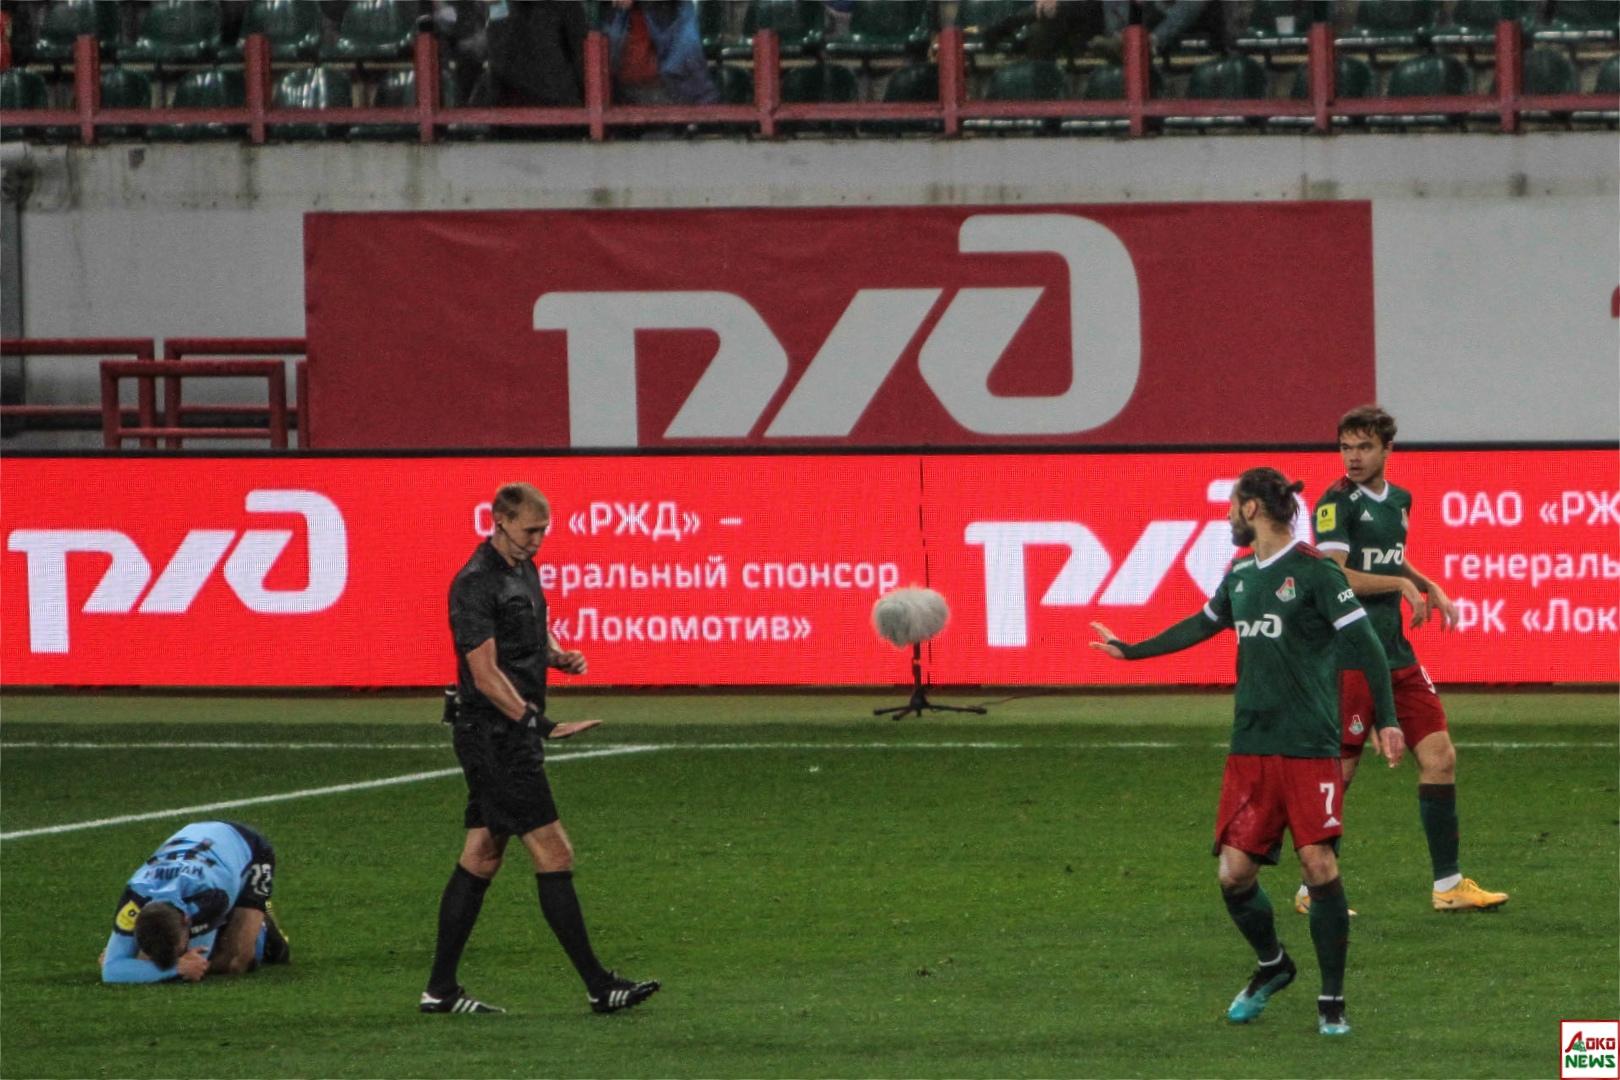 Локомотив - Ротор. Фото: Дмитрий Бурдонов / Loko.News